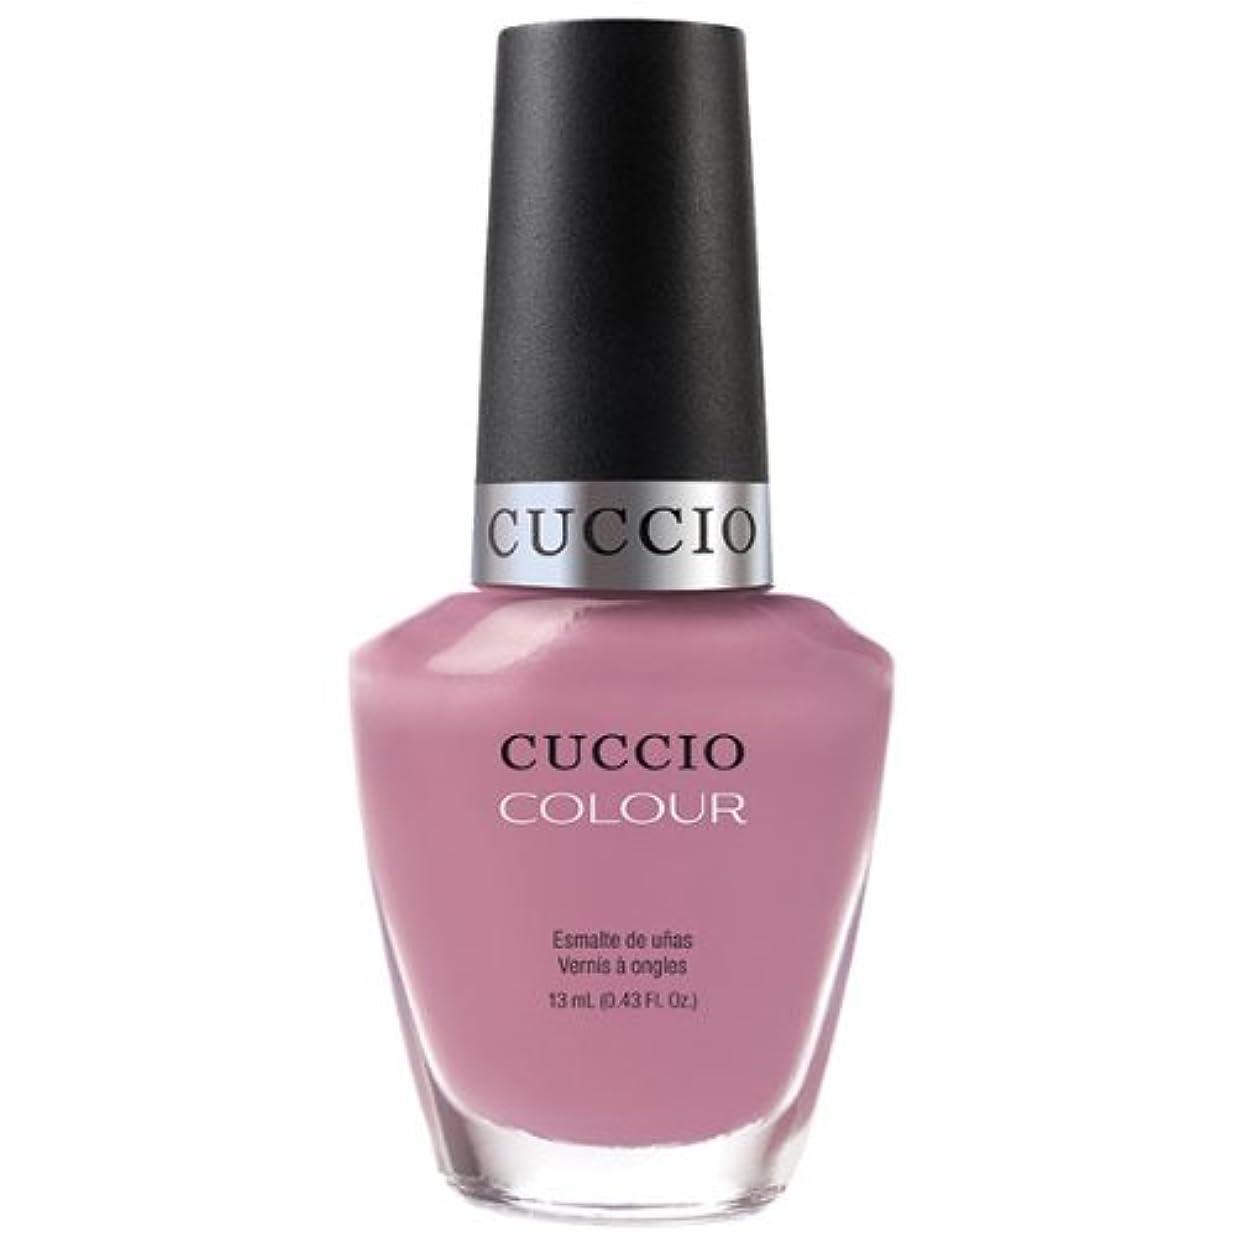 老朽化したコールツーリストCuccio Colour Gloss Lacquer - Bali Bliss - 0.43oz / 13ml